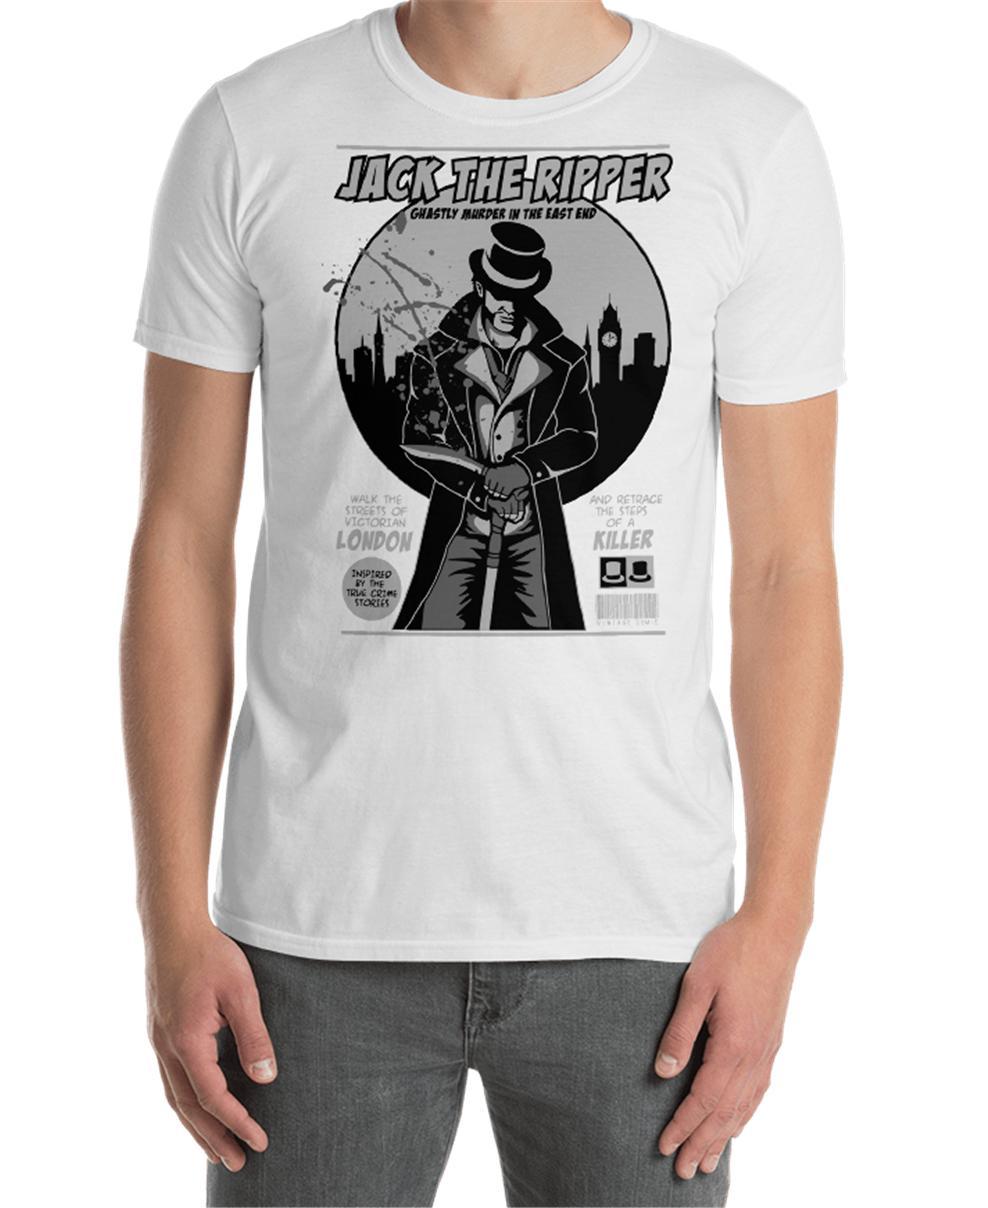 Джек Потрошитель Серийный убийца Vintage 19 века Лондон Унисекс футболка Рубашка подарков Смешной Tee Shirt